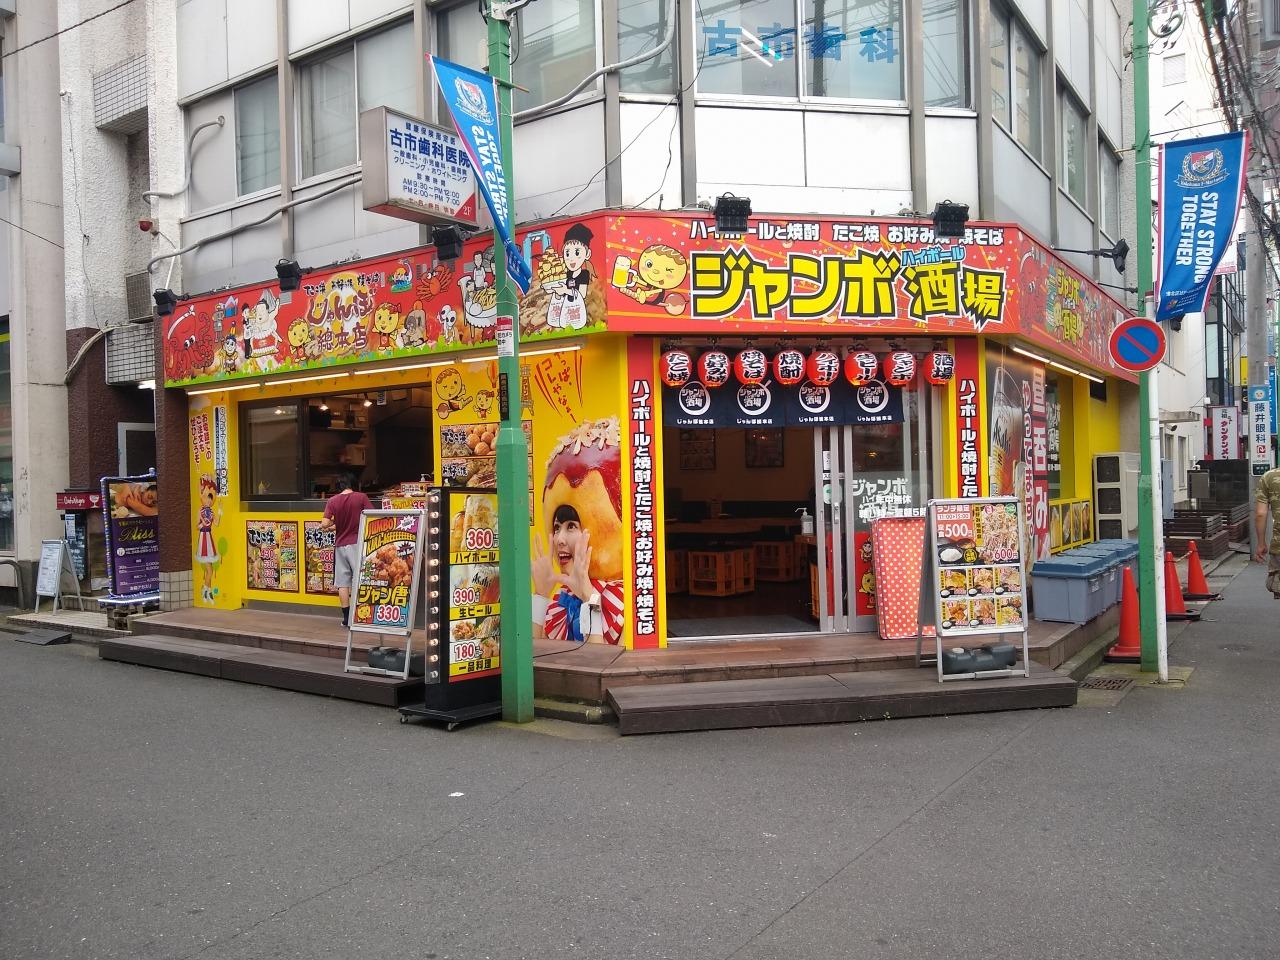 ジャンボ酒場綱島店